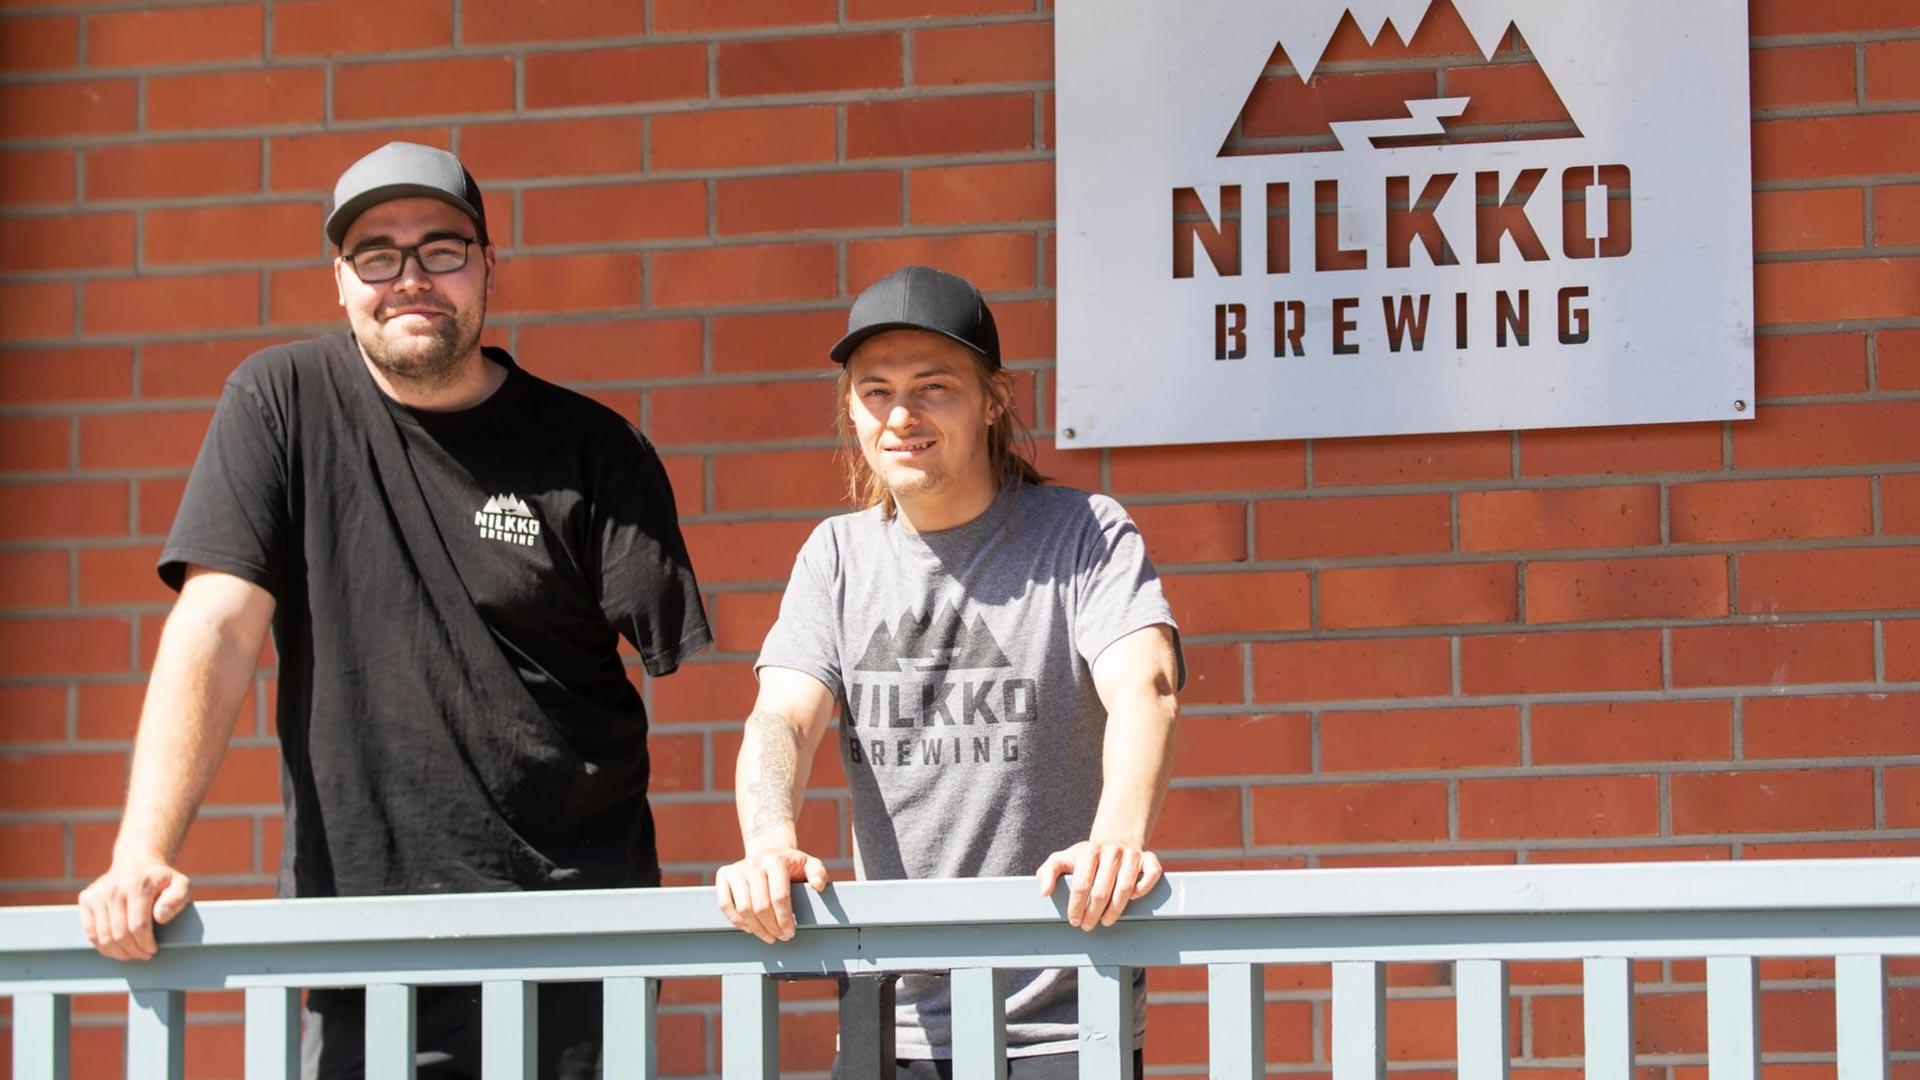 Panimoyrittäjä Iiro Heikkilä ja työntekijä Juuso Turkki ovat kehittäneet Nilkko Brewingista suositun käyntikohteen olutharrastajien keskuudessa.